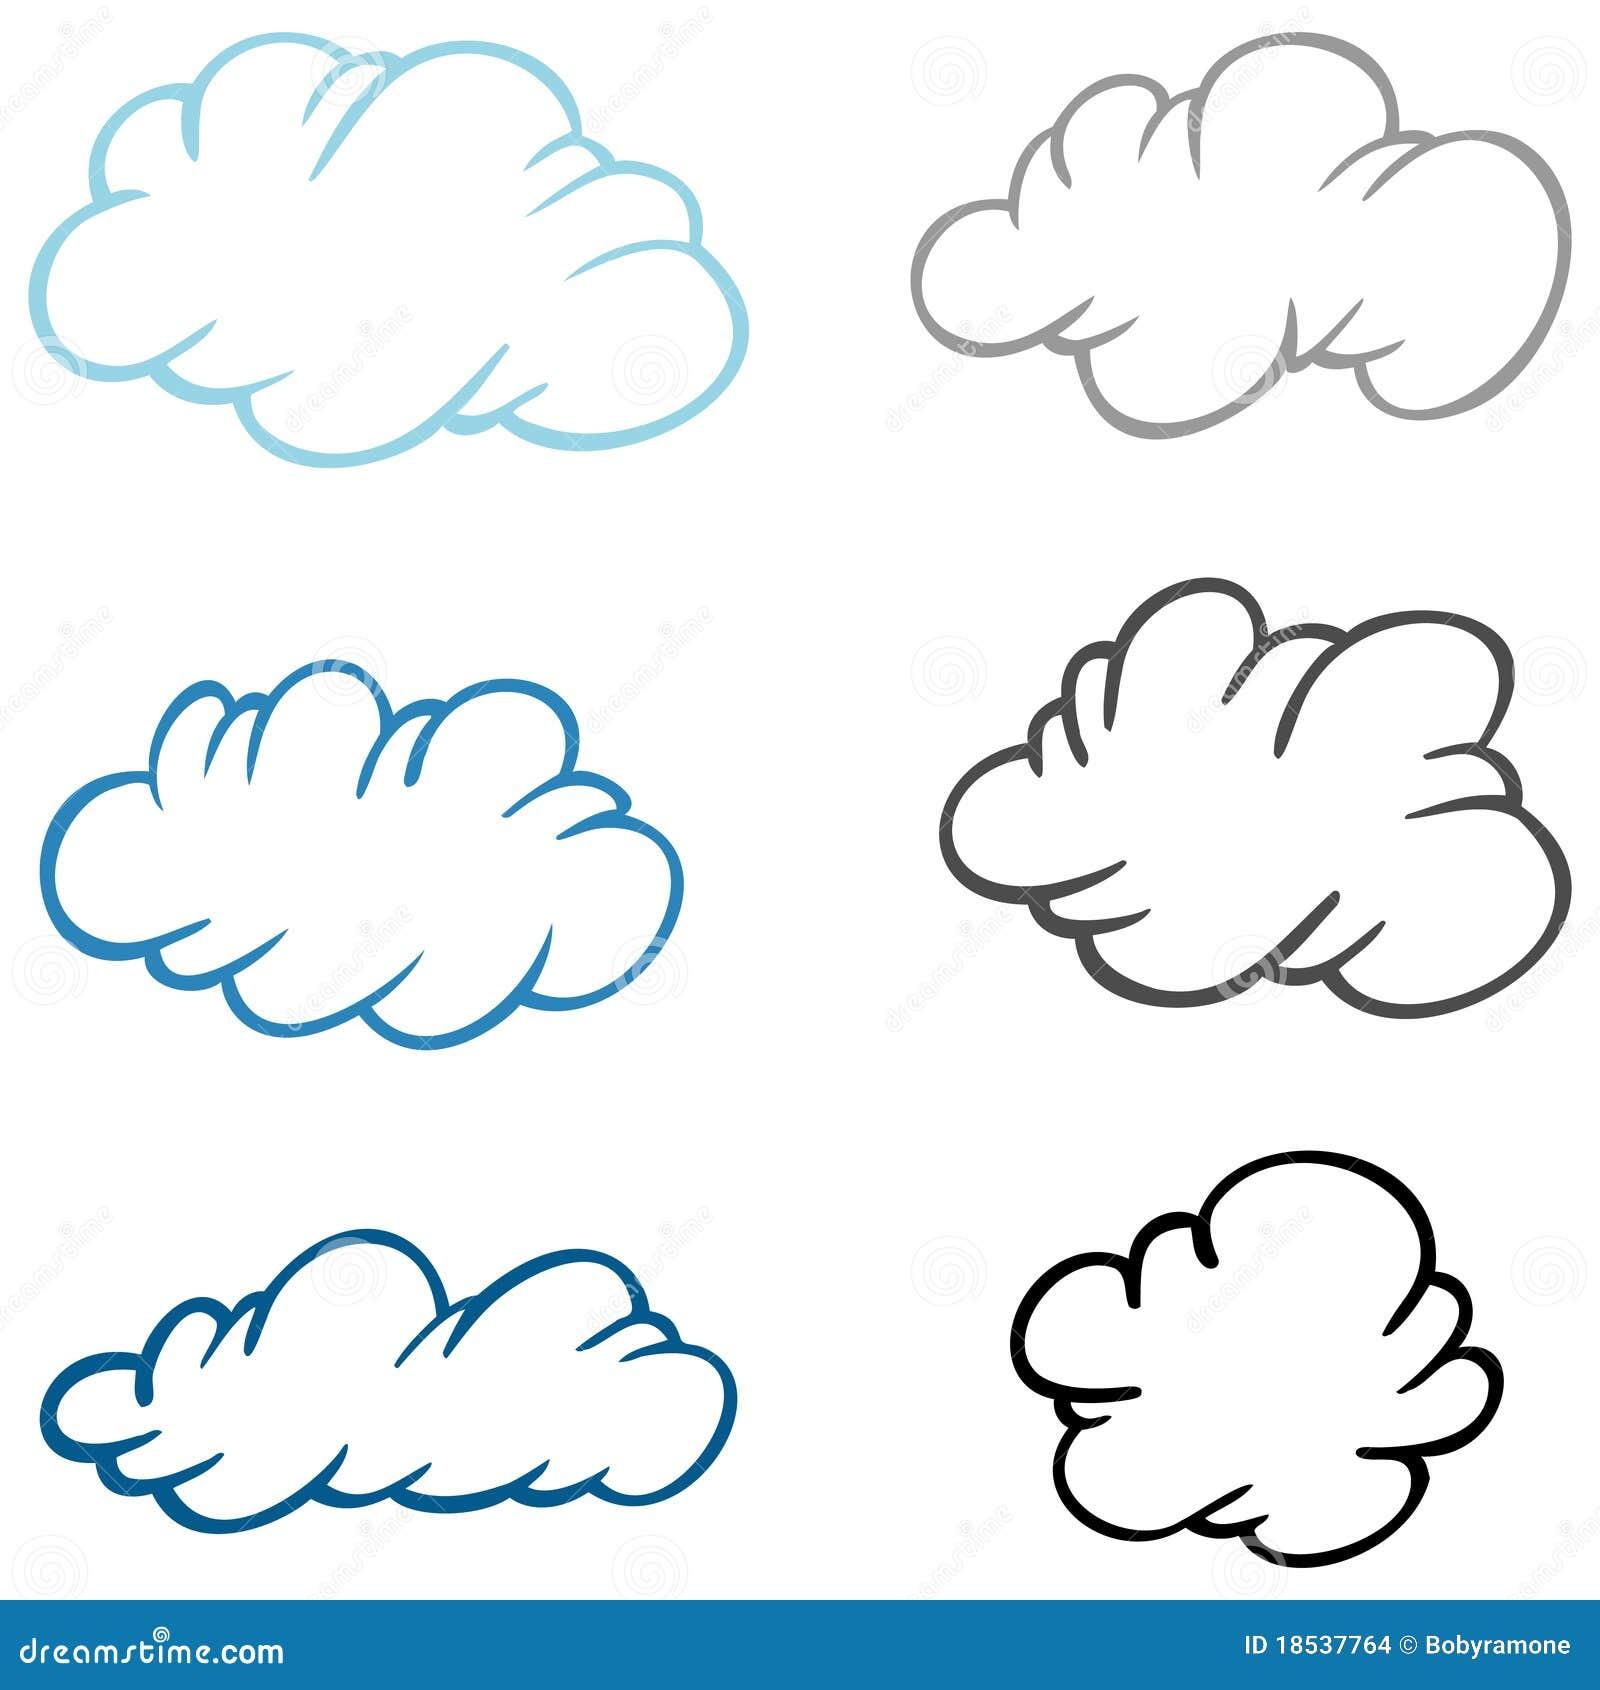 手绘卡通云朵图片